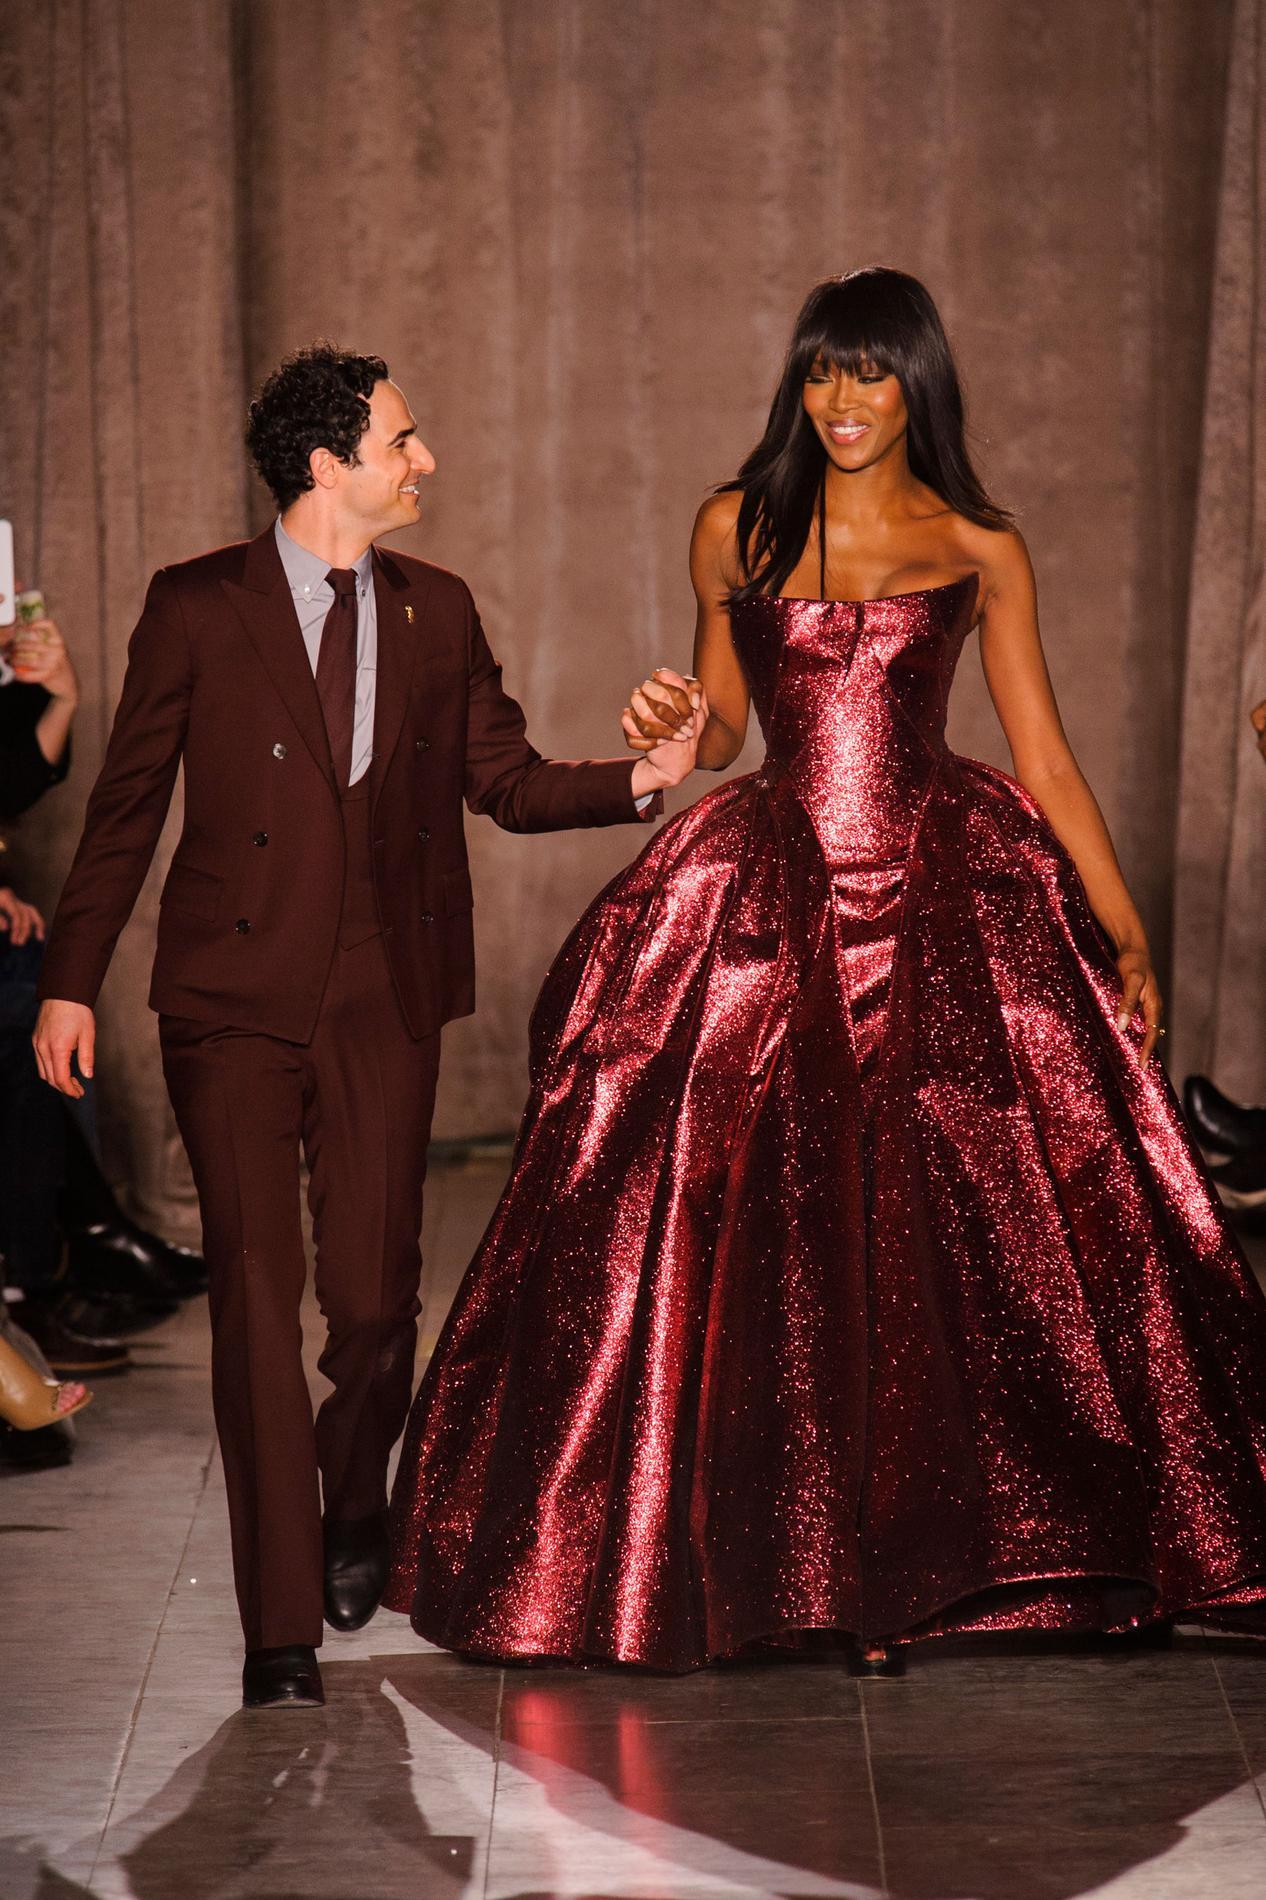 مصمم الأزياء الأميركي زاك بوزن ينهي أعماله في تصميم الأزياء